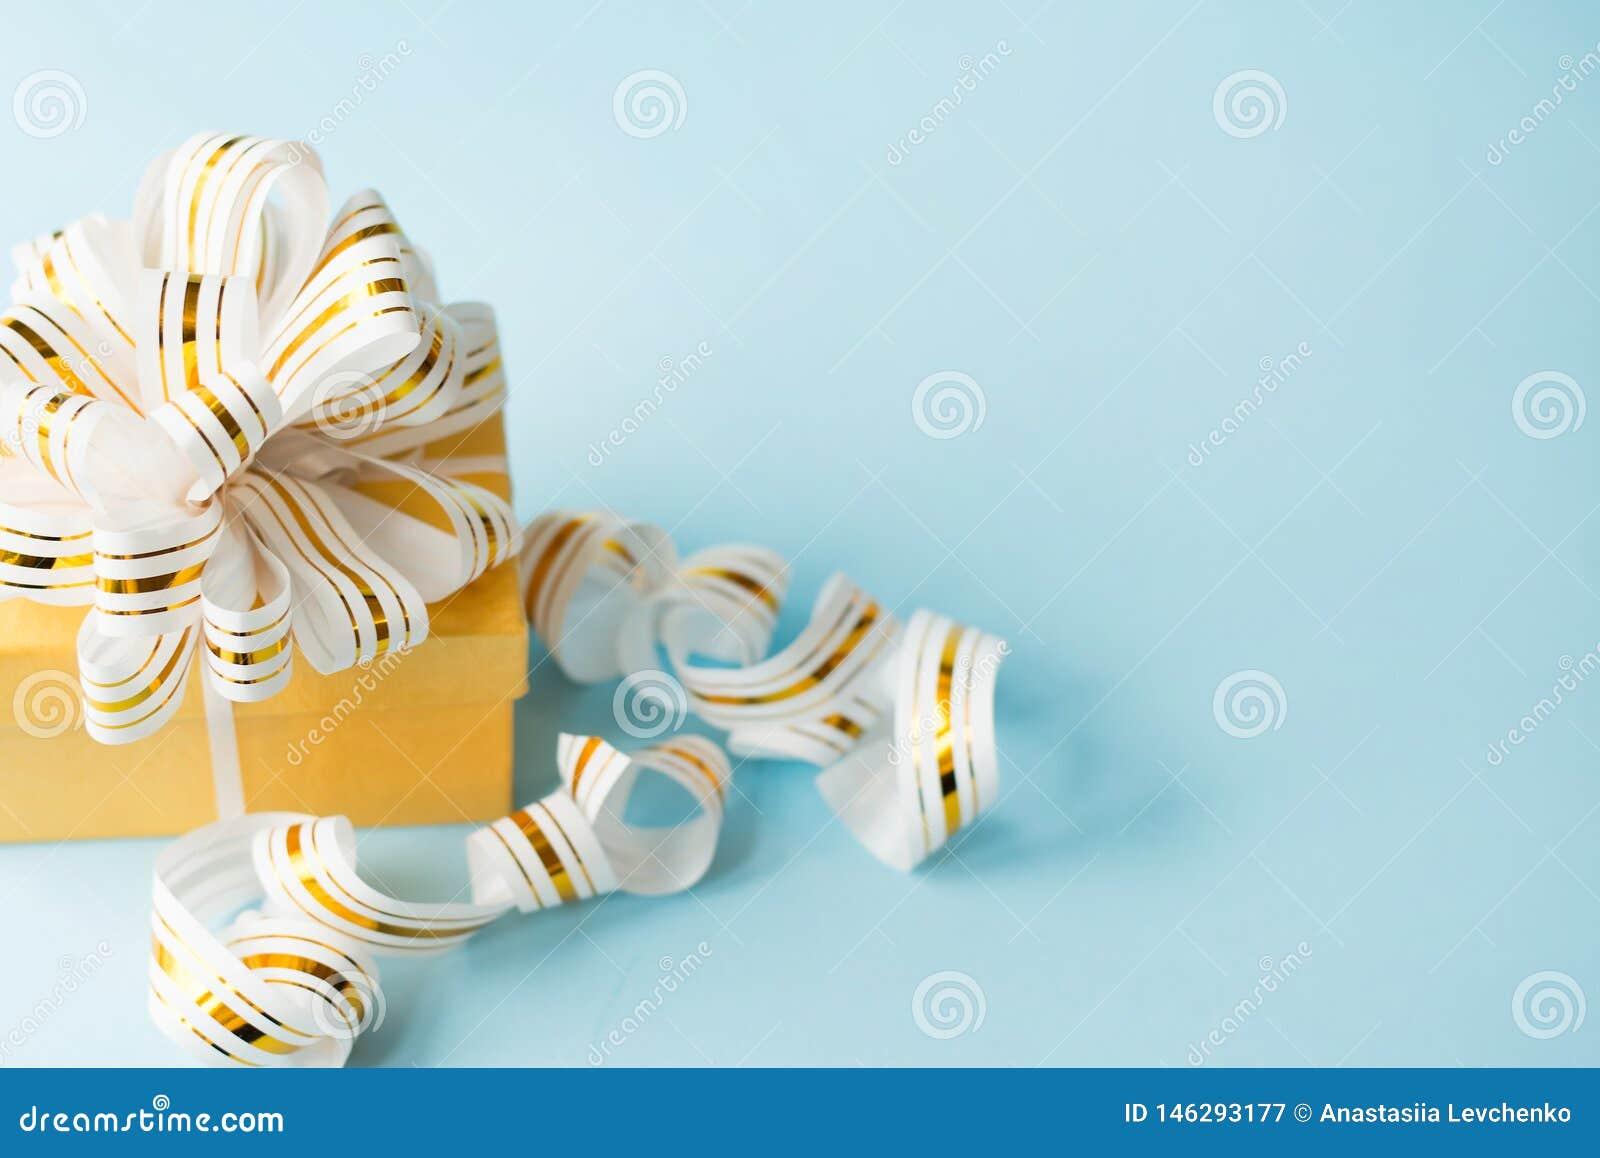 礼物包裹与在蓝色背景的弓与拷贝空间 舱内甲板被放置的贺卡